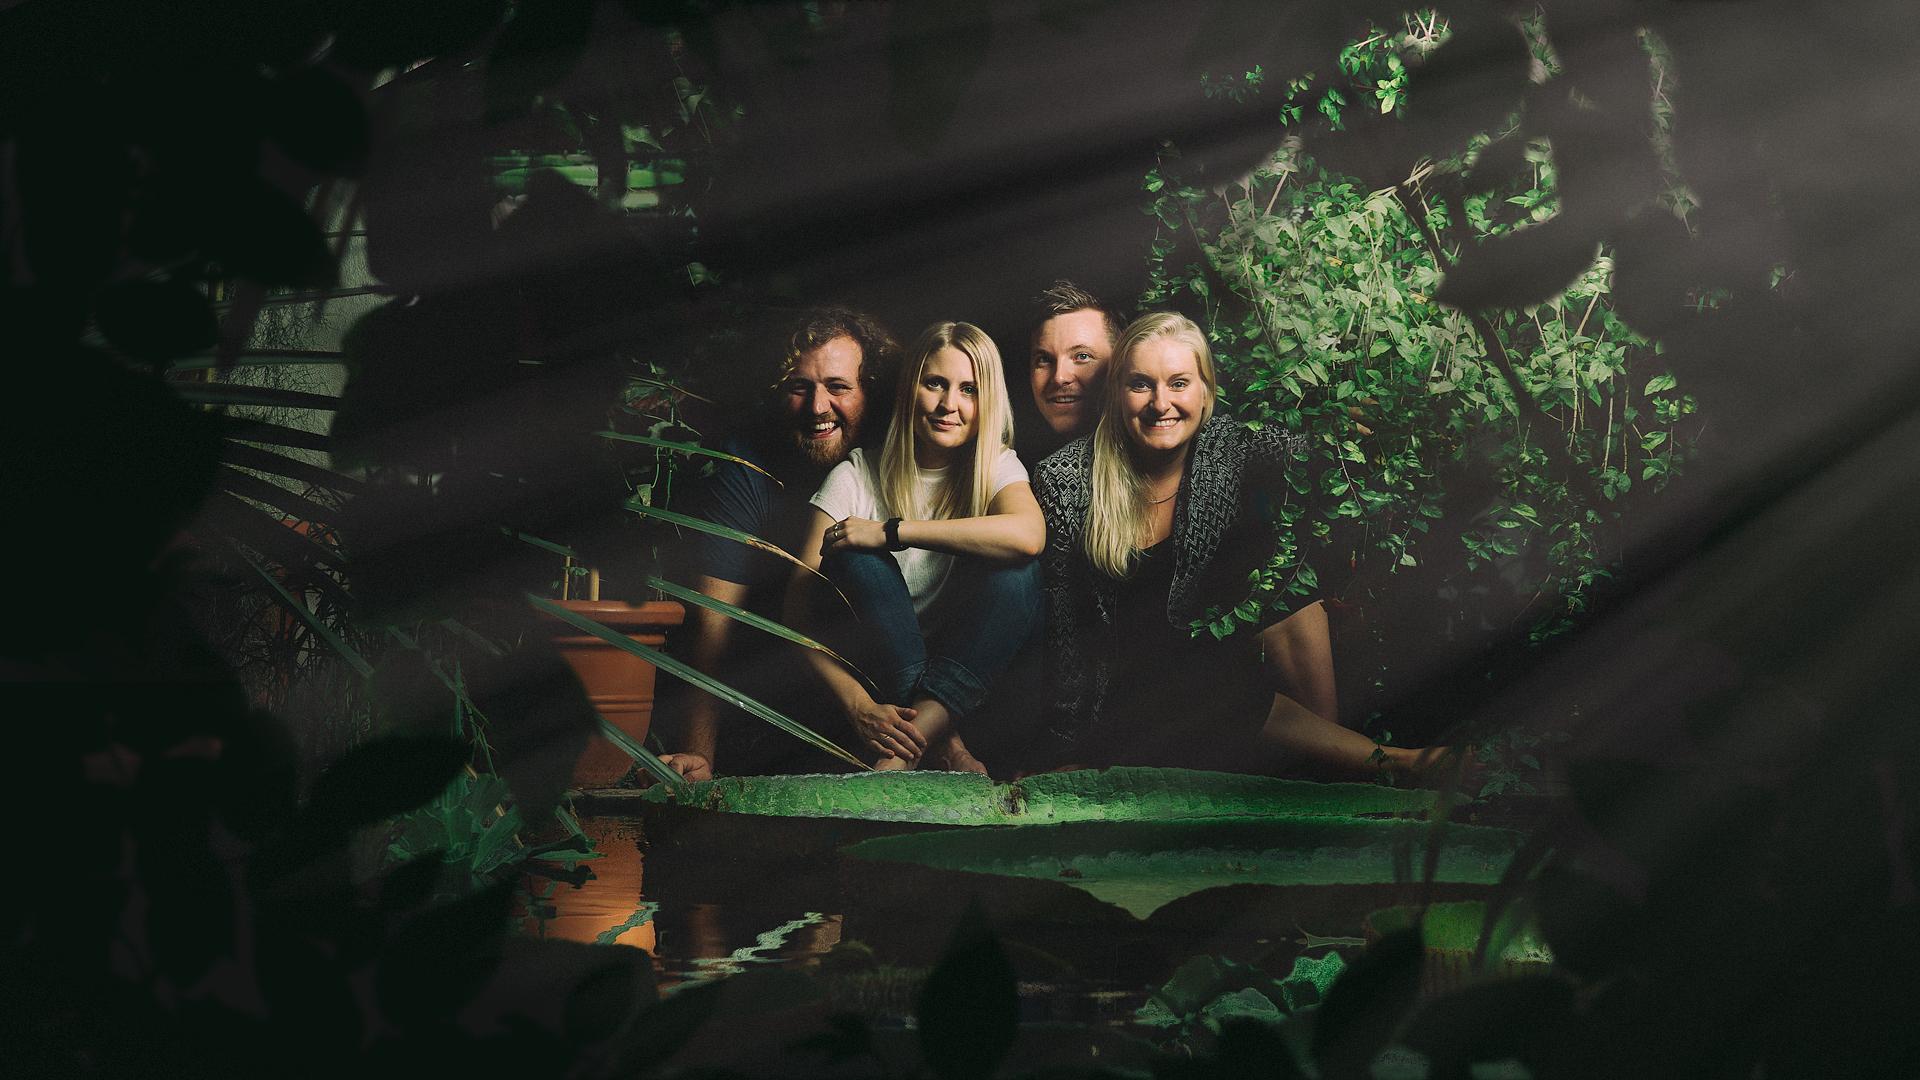 P3aksjonen - Ronny, Silje, Niklas & Tuva